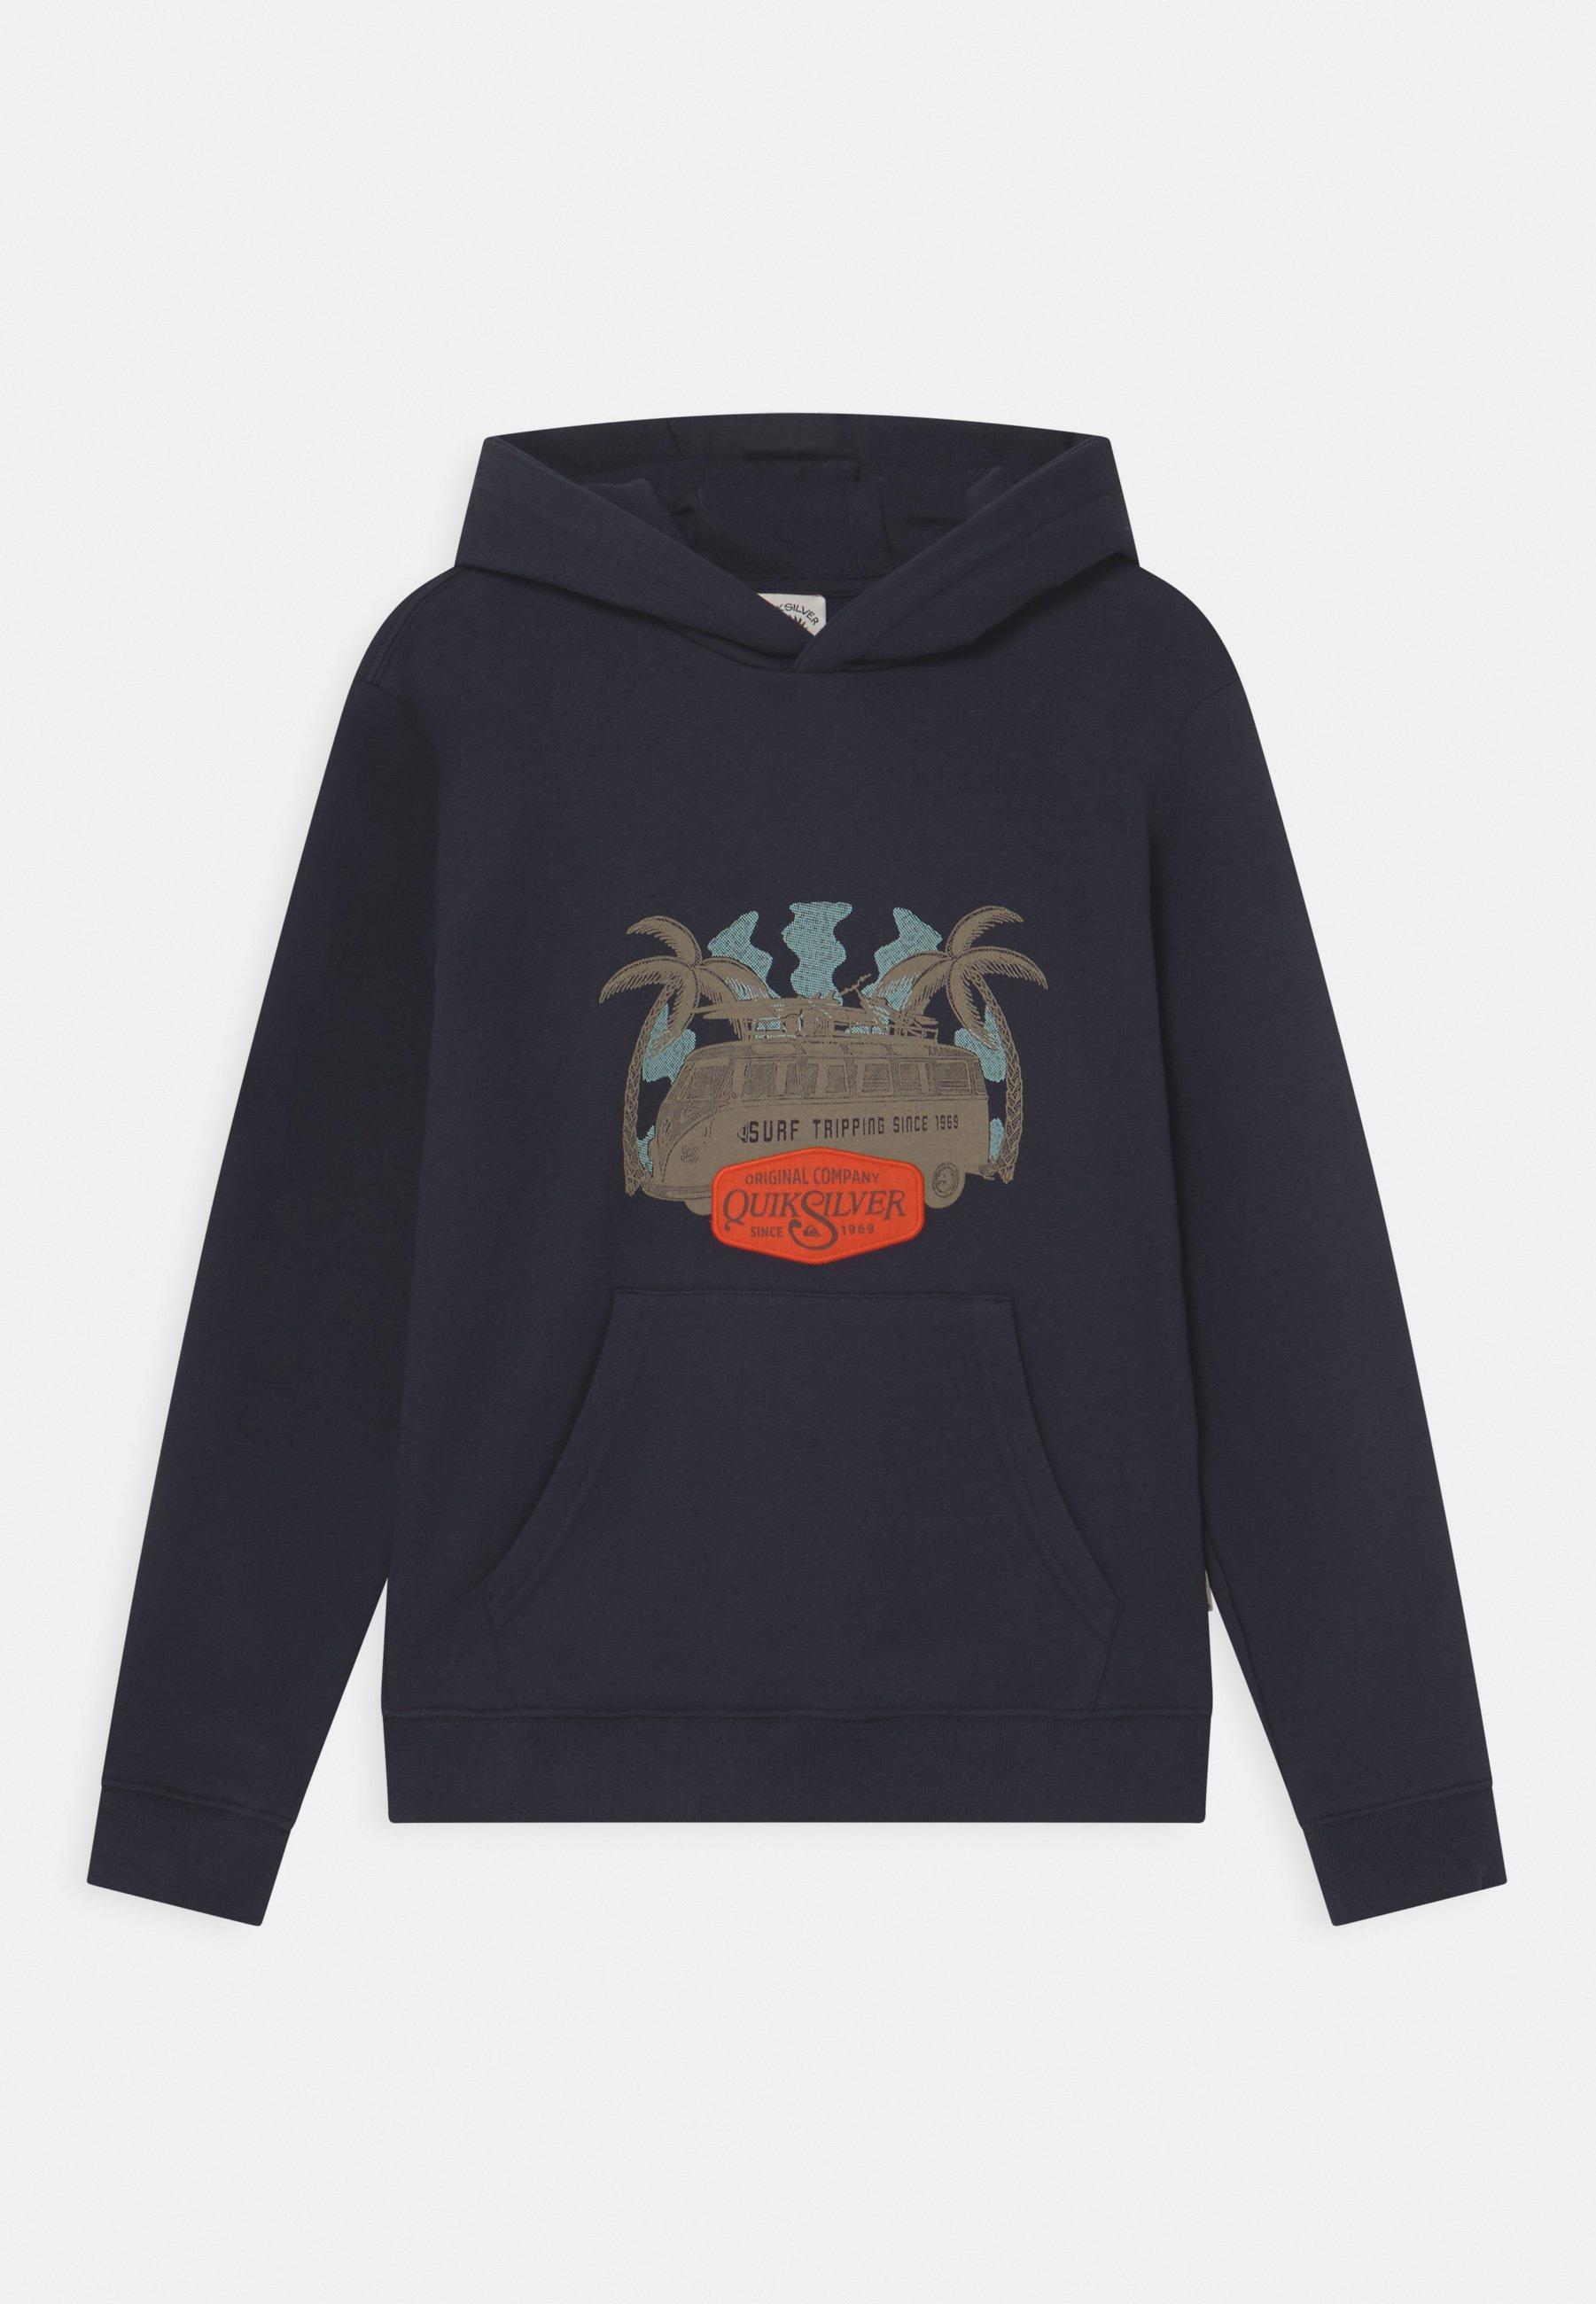 Børn MAGIC VAN HOOD YOUTH - Sweatshirts